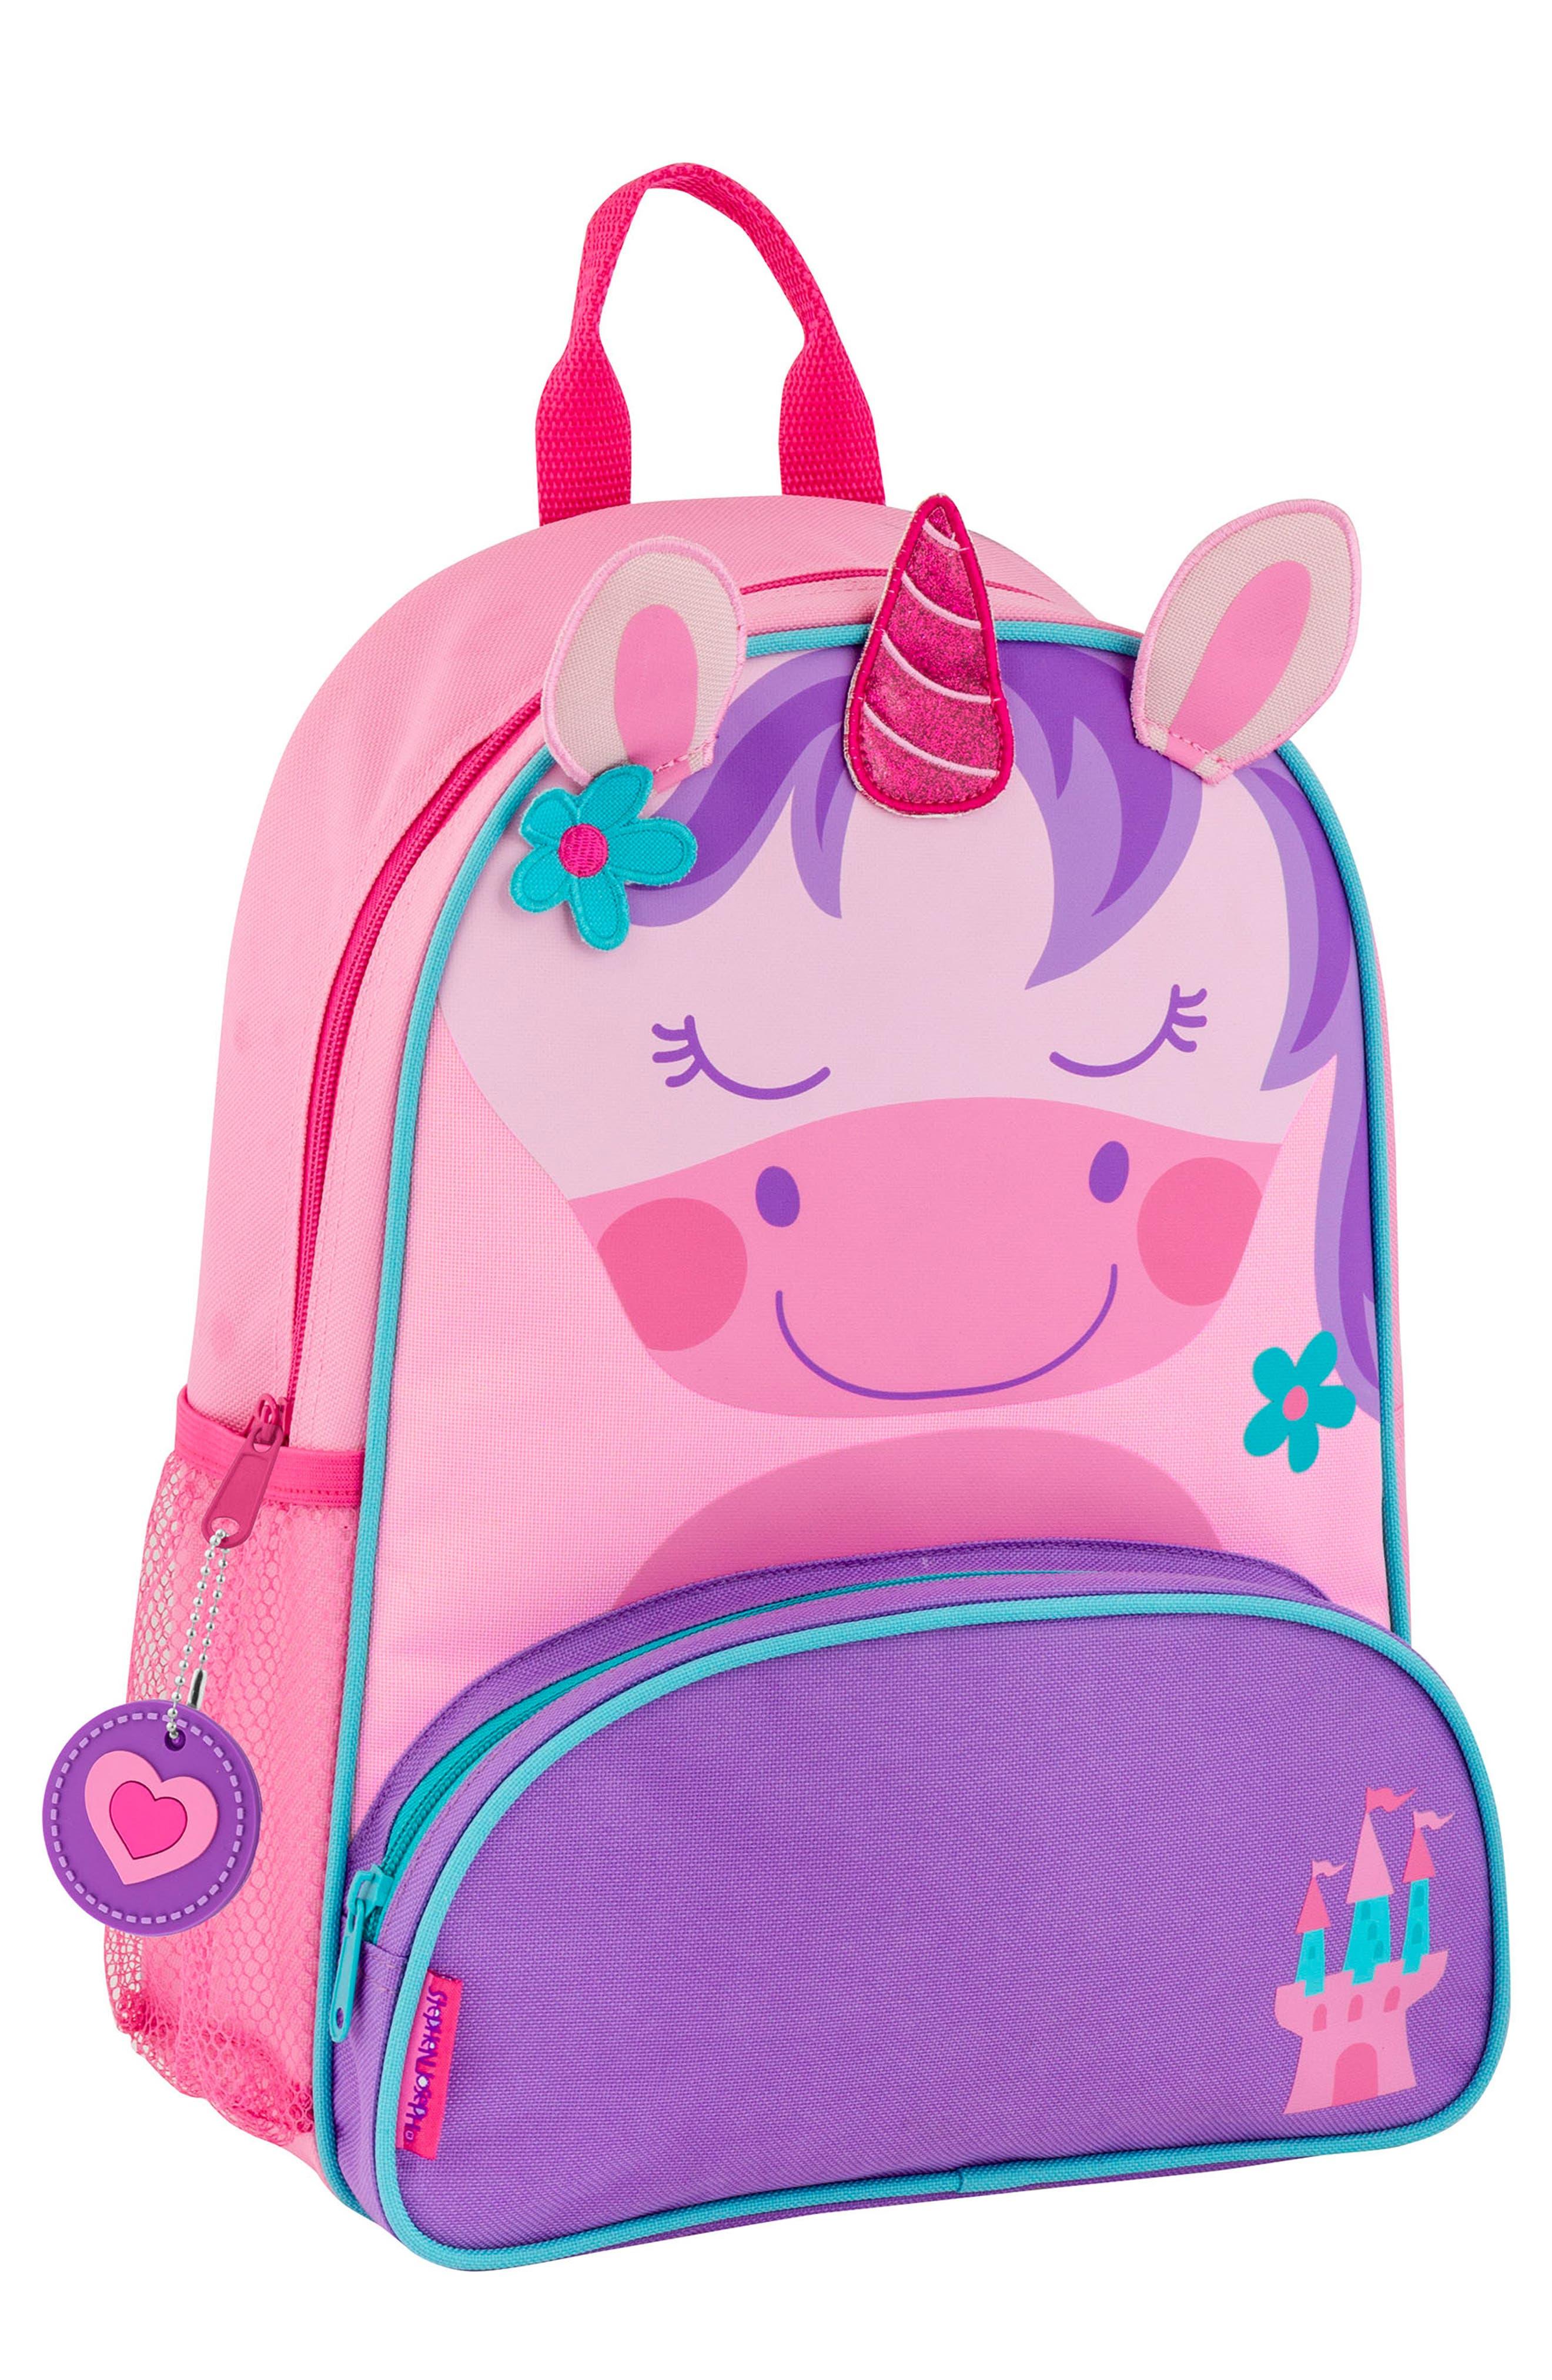 Girls Stephen Joseph Unicorn Sidekick Backpack  Lunch Pail  Purple